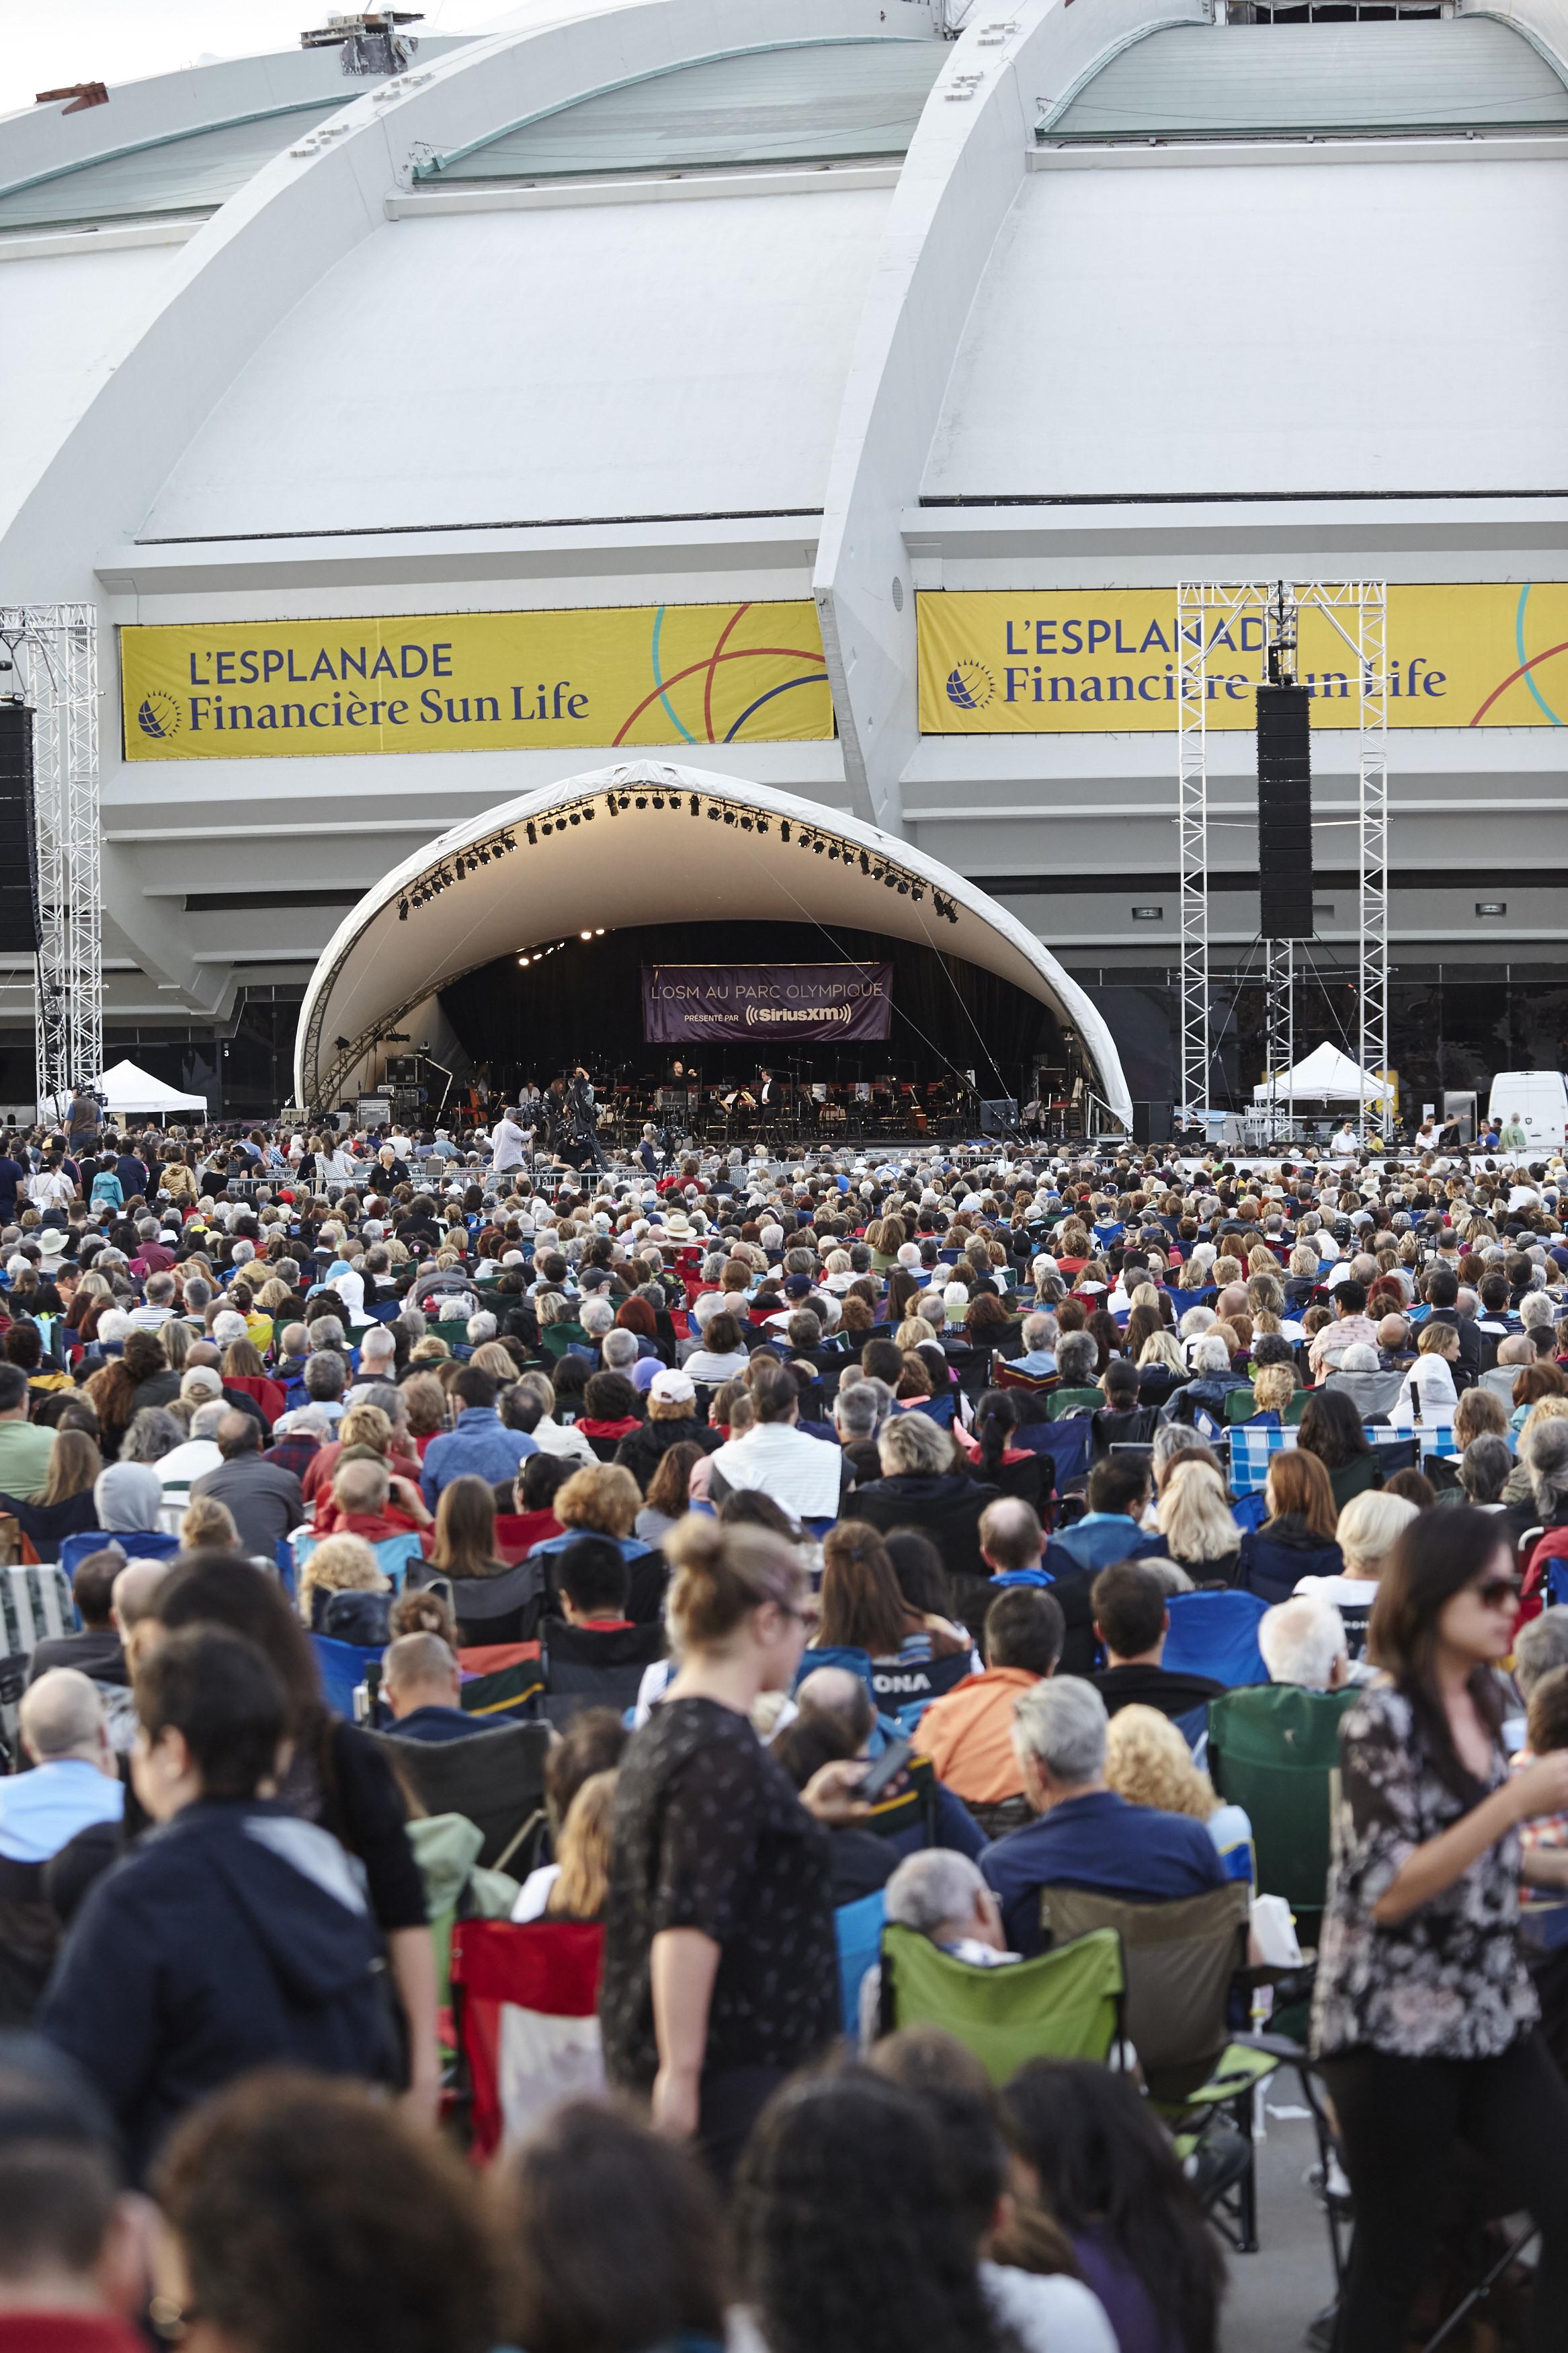 La foule au Parc olympique de Montréal , © Jean-François Hamelin, Parc olympique